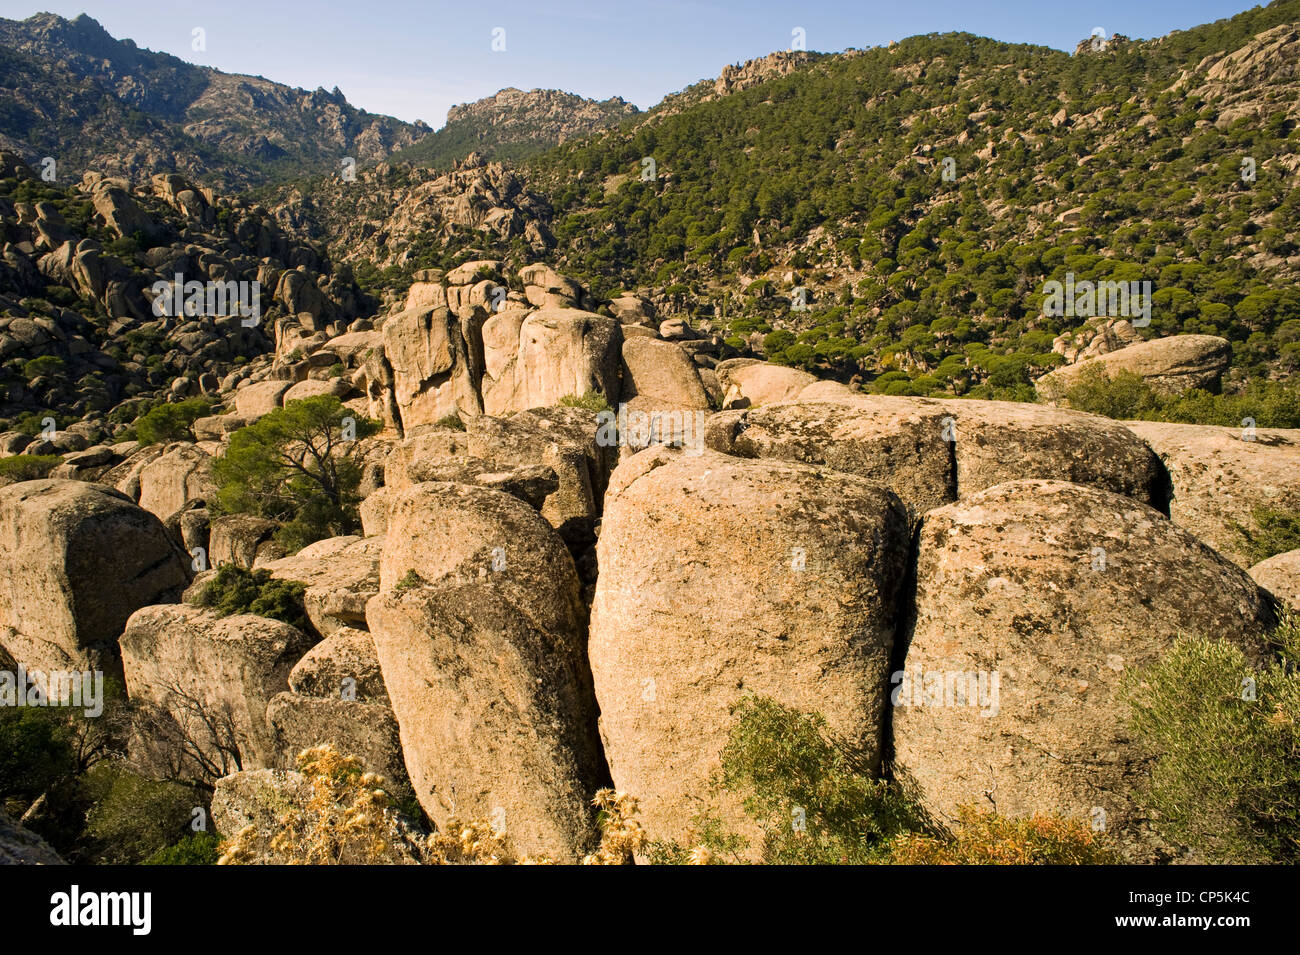 Paysage rocheux et forêt dans les montagnes Besparmak Turquie Photo Stock